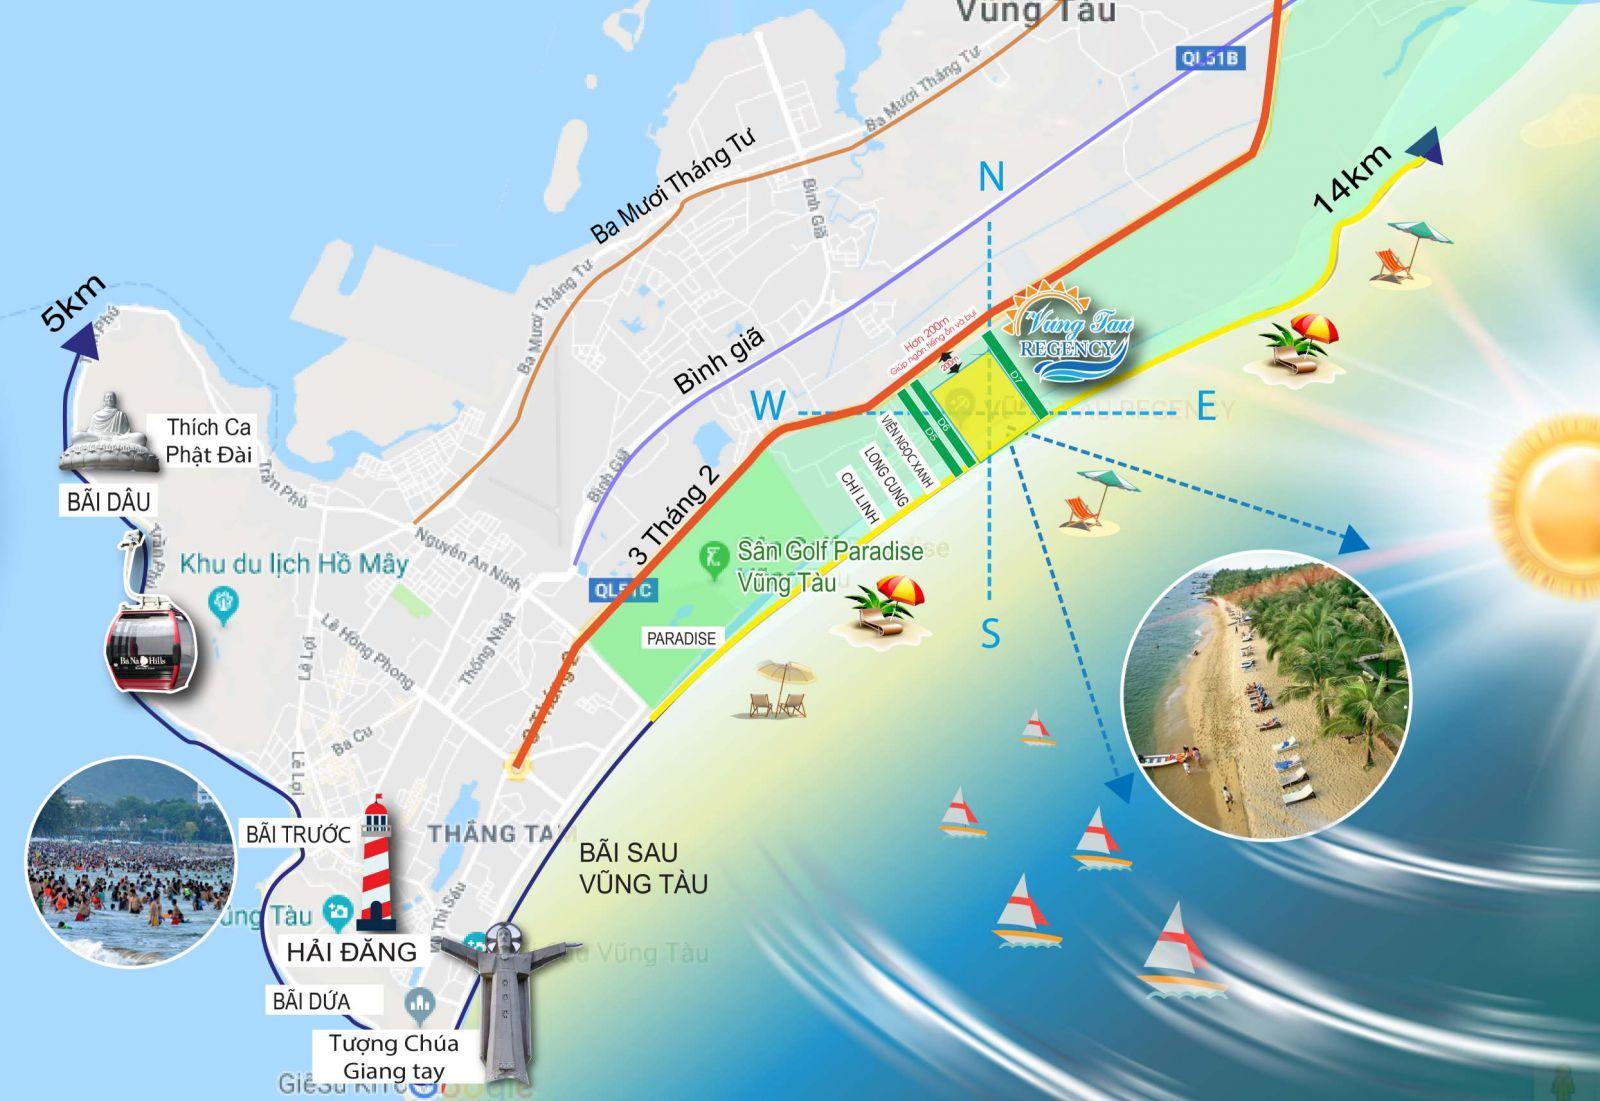 Thông tin tổng quan dự án The Maris Vũng Tàu